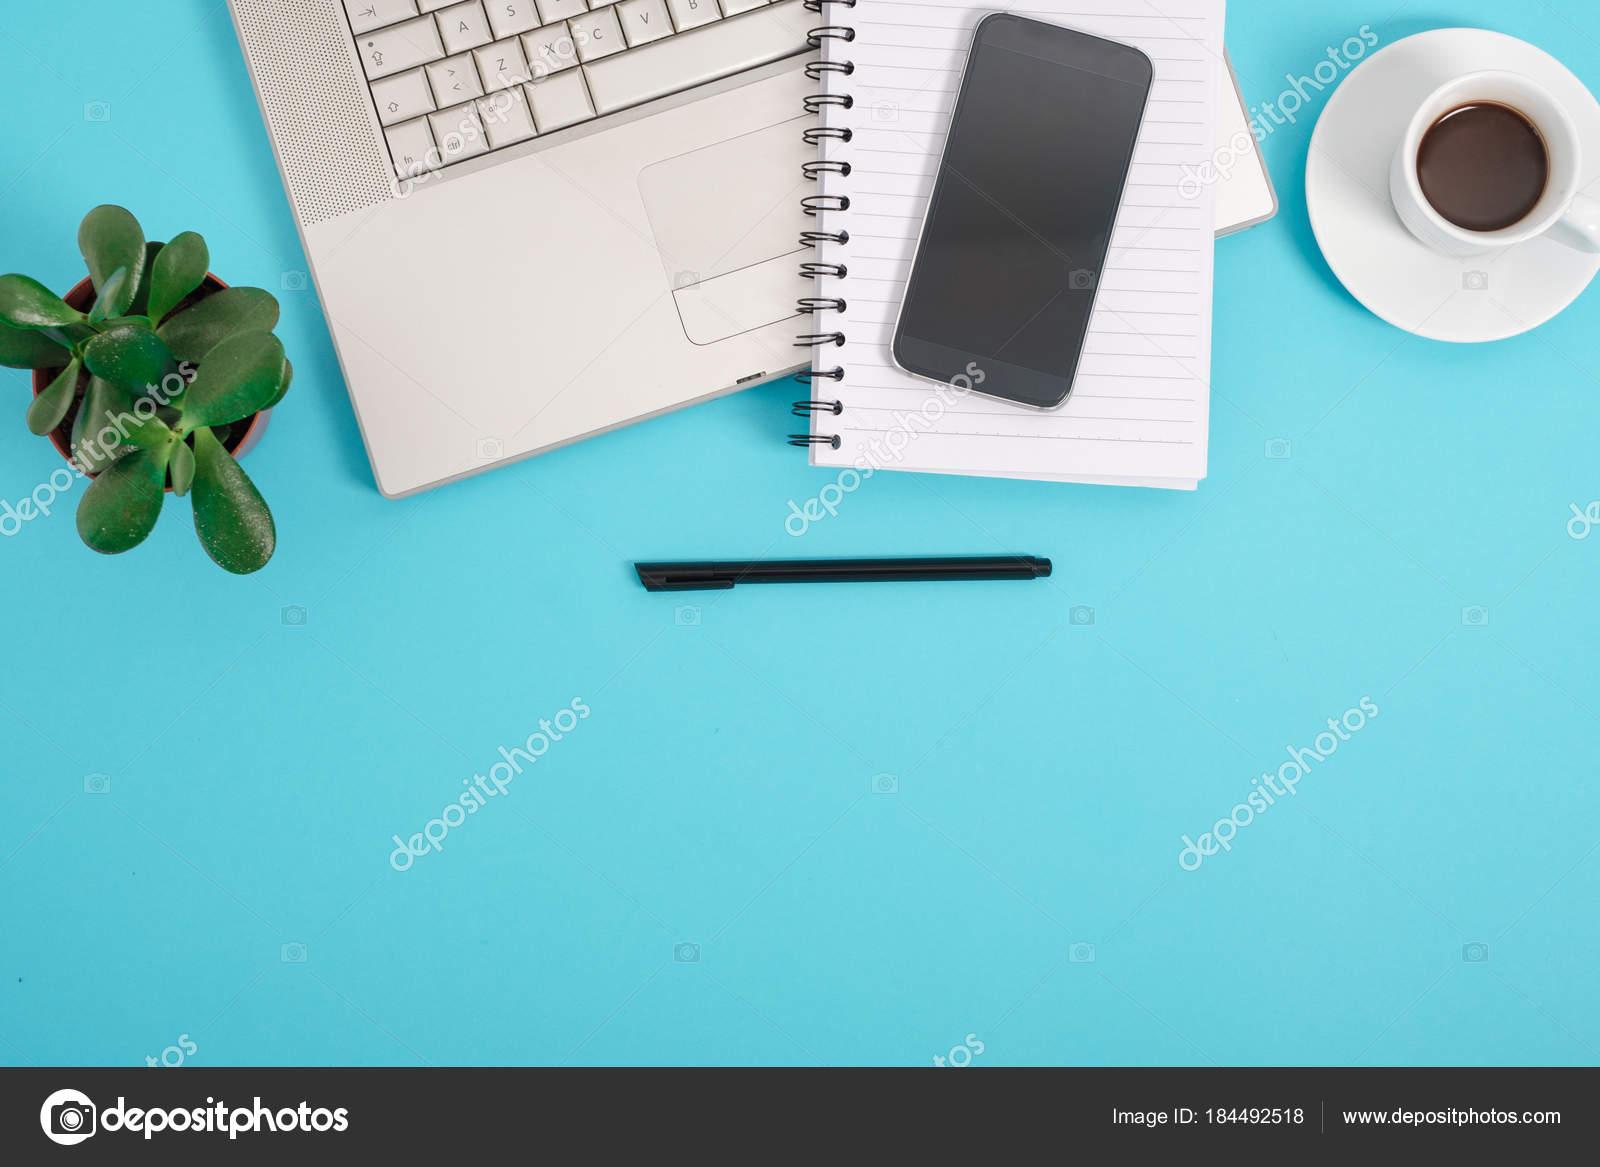 Scrivania Ufficio Blu : Tavolo da ufficio blu scrivania con un sacco di cose su di esso